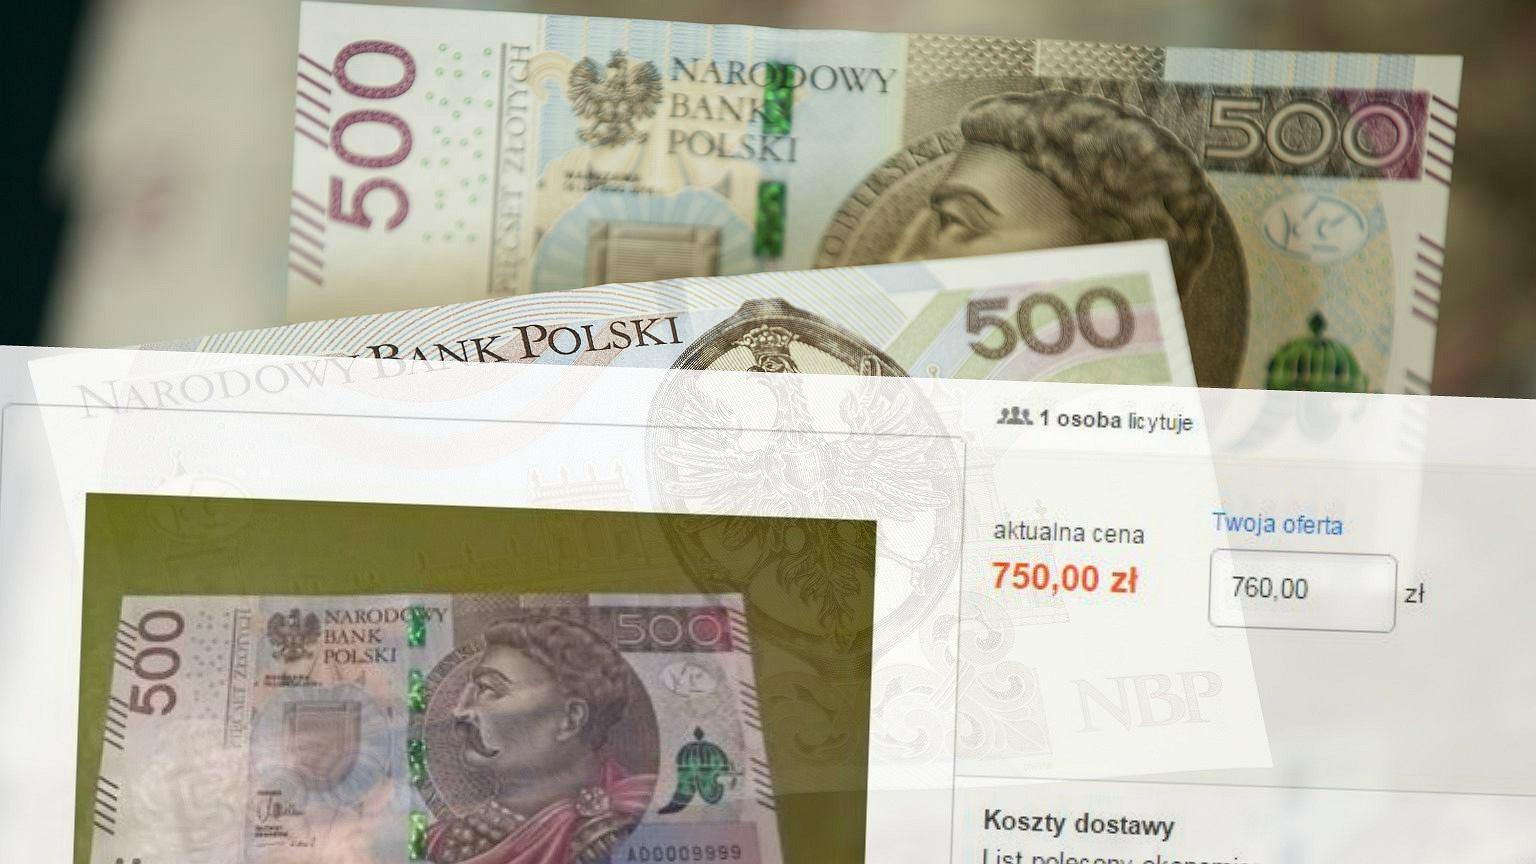 Masz Banknot 500 Zl Mozesz Na Nim Dobrze Zarobic Biznes Na Next Gazeta Pl